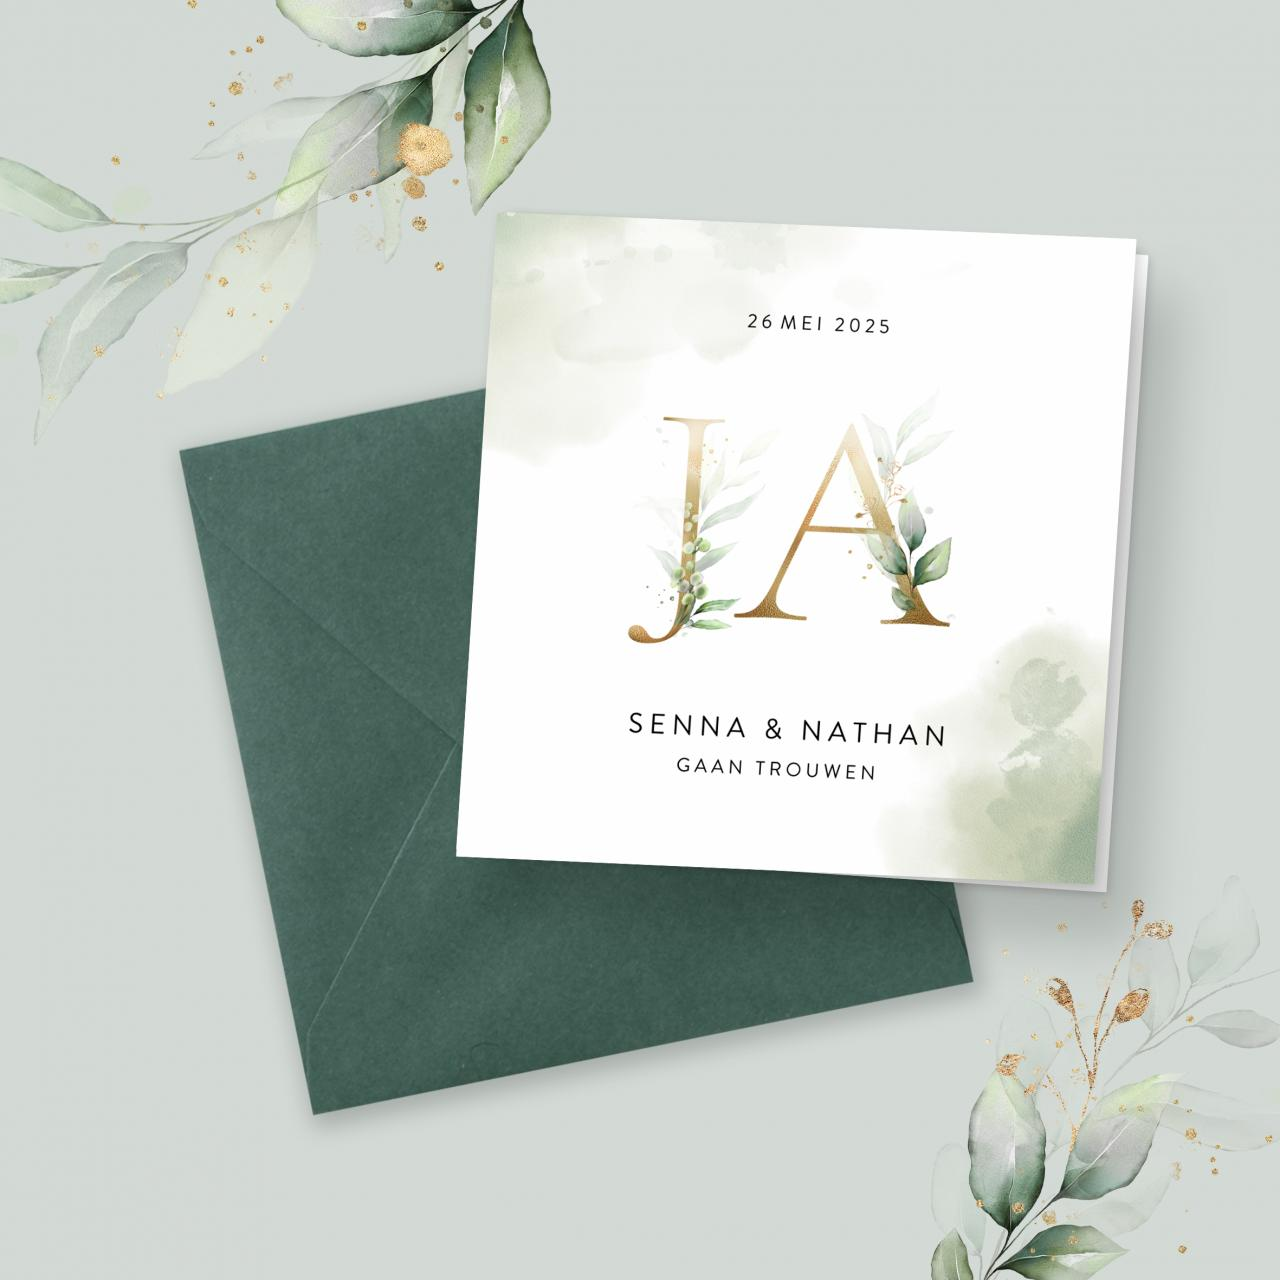 Stijlvolle trouwkaart met waterverf en JA trouwkaart Botanisch Aquarel en Watercolor Brons zilver en goud Romantisch